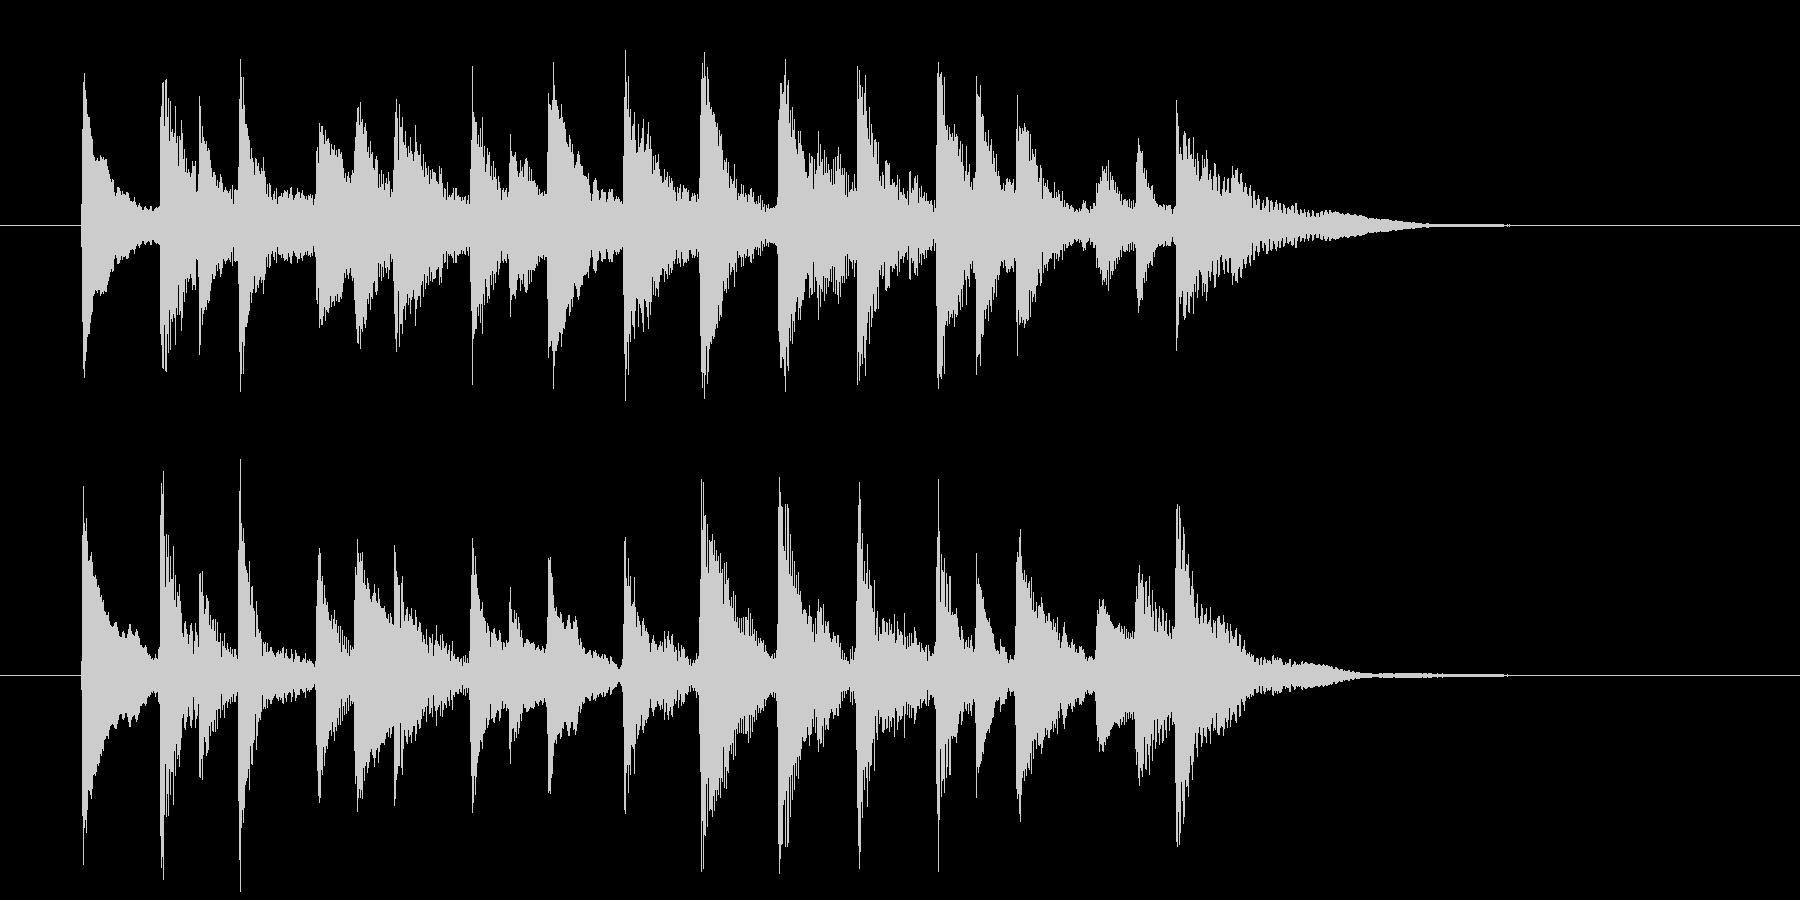 ゆったり軽やかな和風弦楽器サウンドの未再生の波形